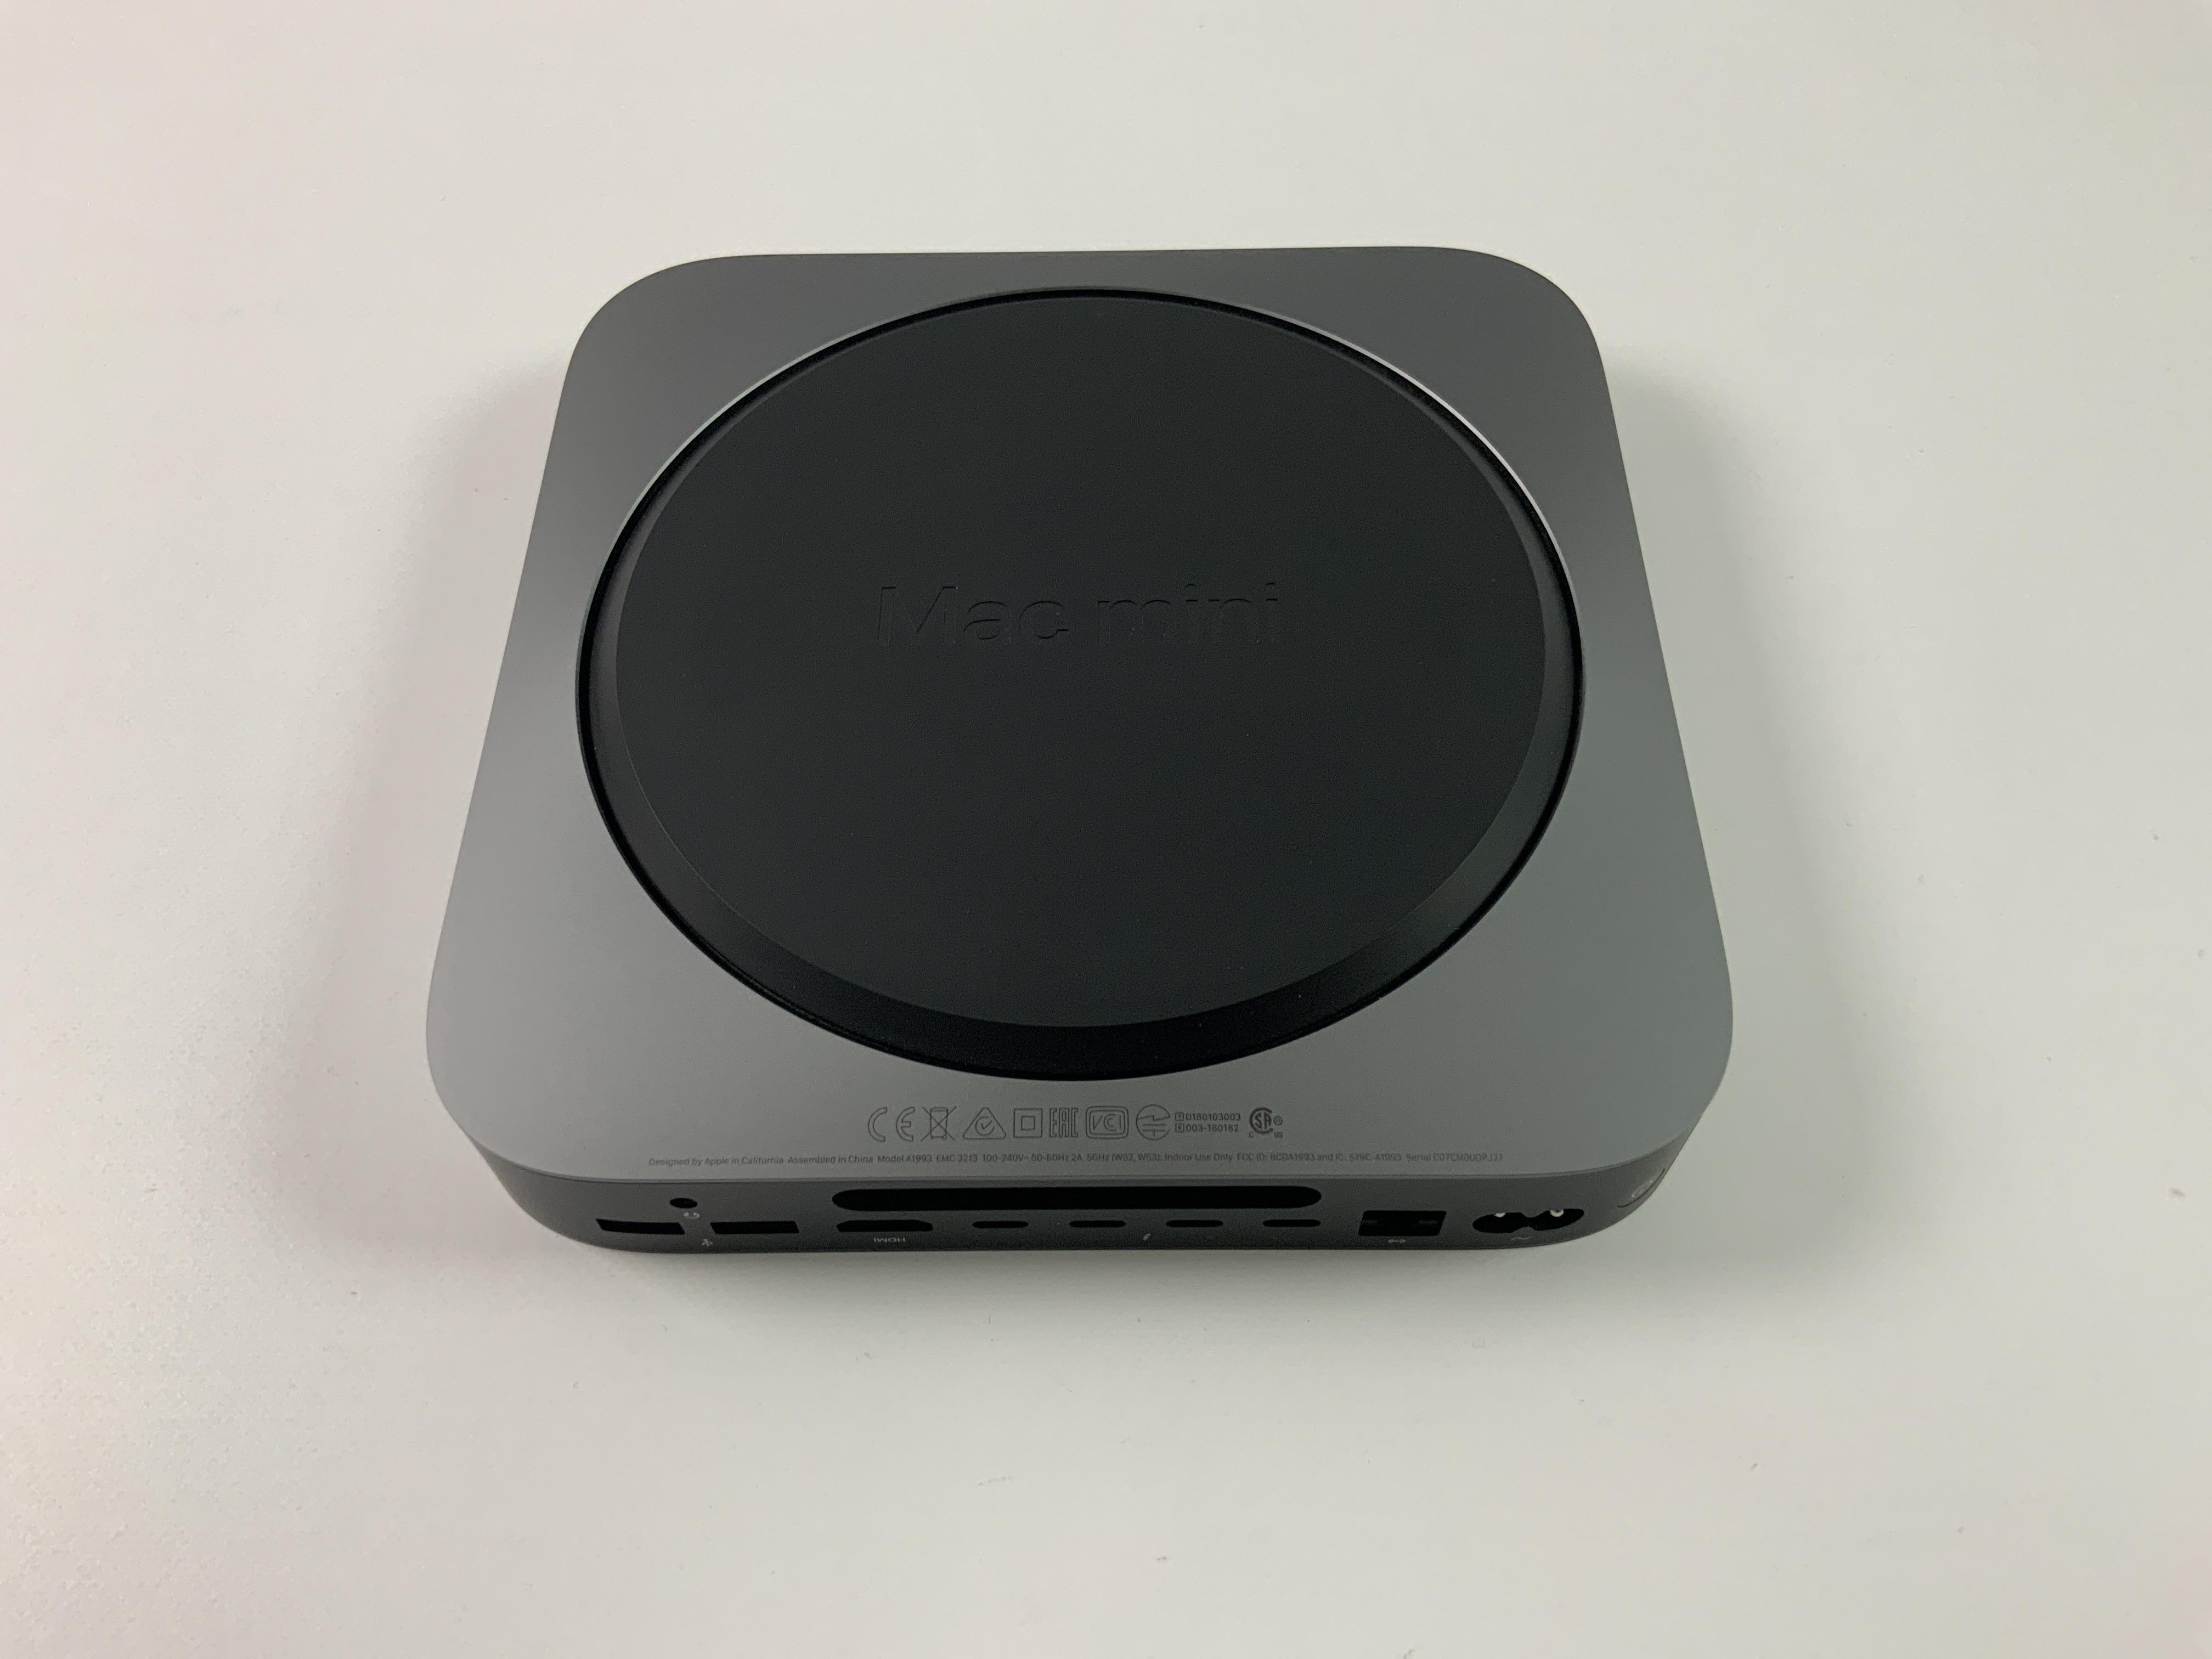 Mac Mini Late 2018 (Intel Quad-Core i3 3.6 GHz 32 GB RAM 256 GB SSD), Intel Quad-Core i3 3.6 GHz, 32 GB RAM, 256 GB SSD, bild 2